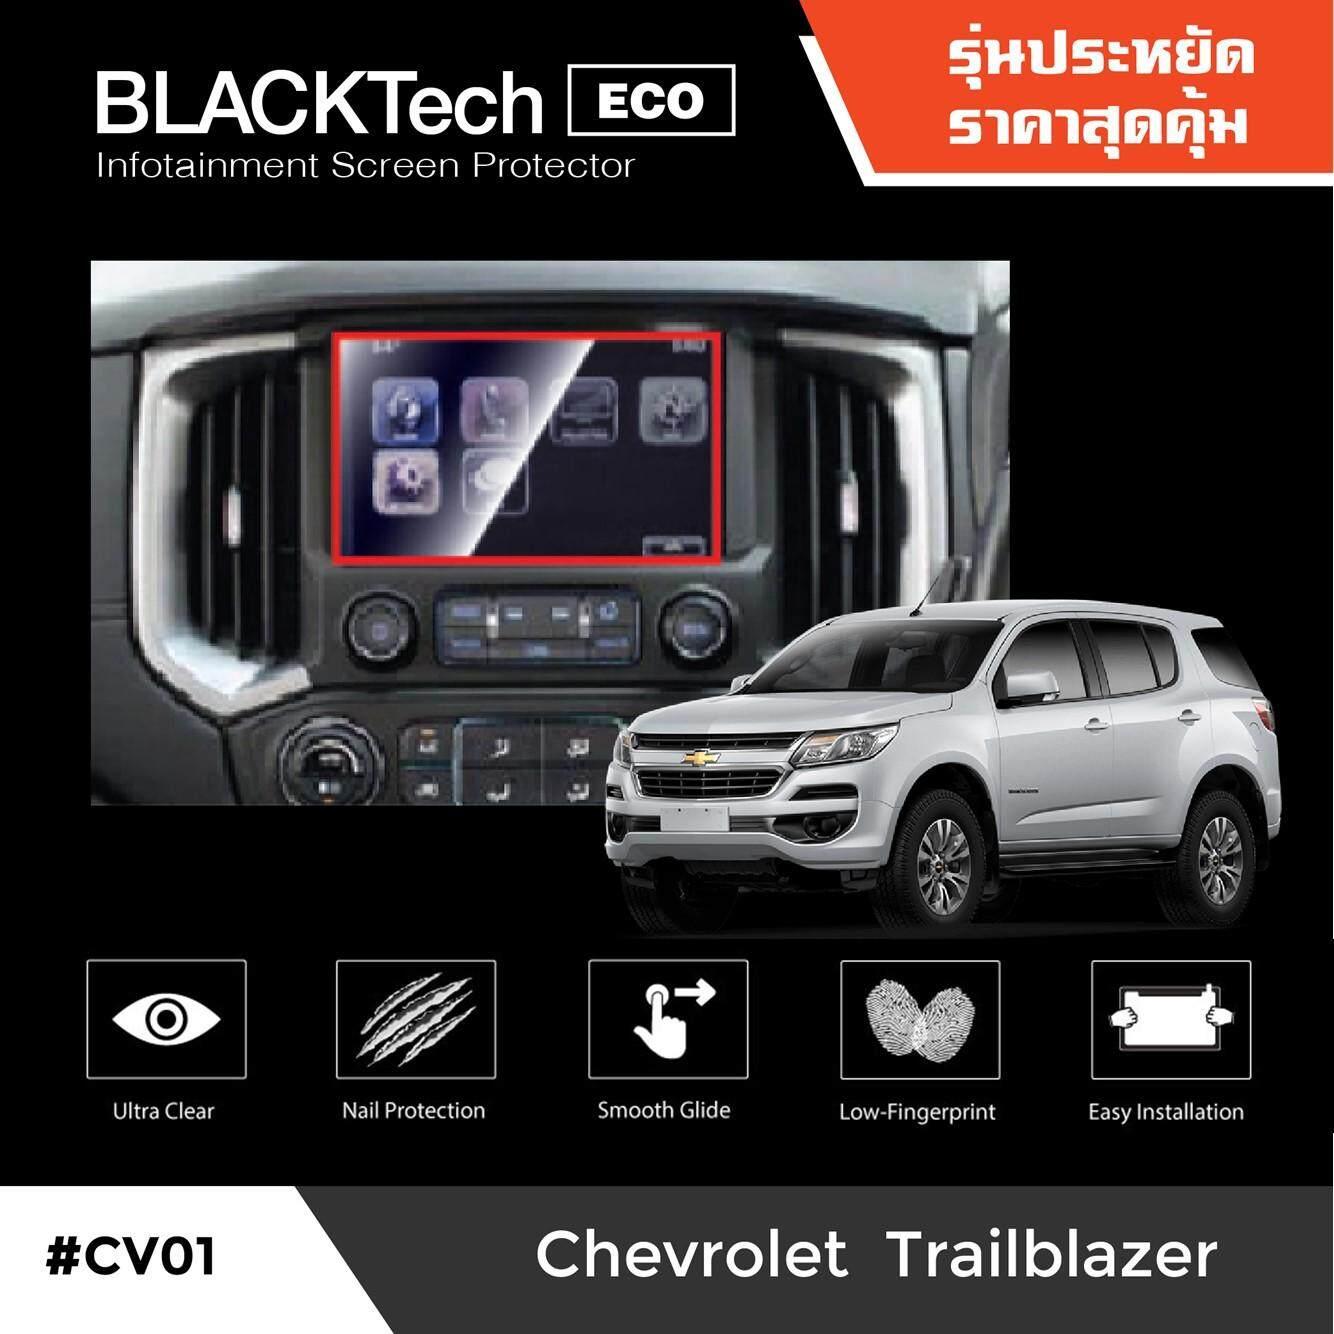 ฟิล์มกันรอยหน้าจอรถยนต์ Chevrolet Trailblazer จอขนาด 7.7 นิ้ว - Blacktech (eco) By Arctic.